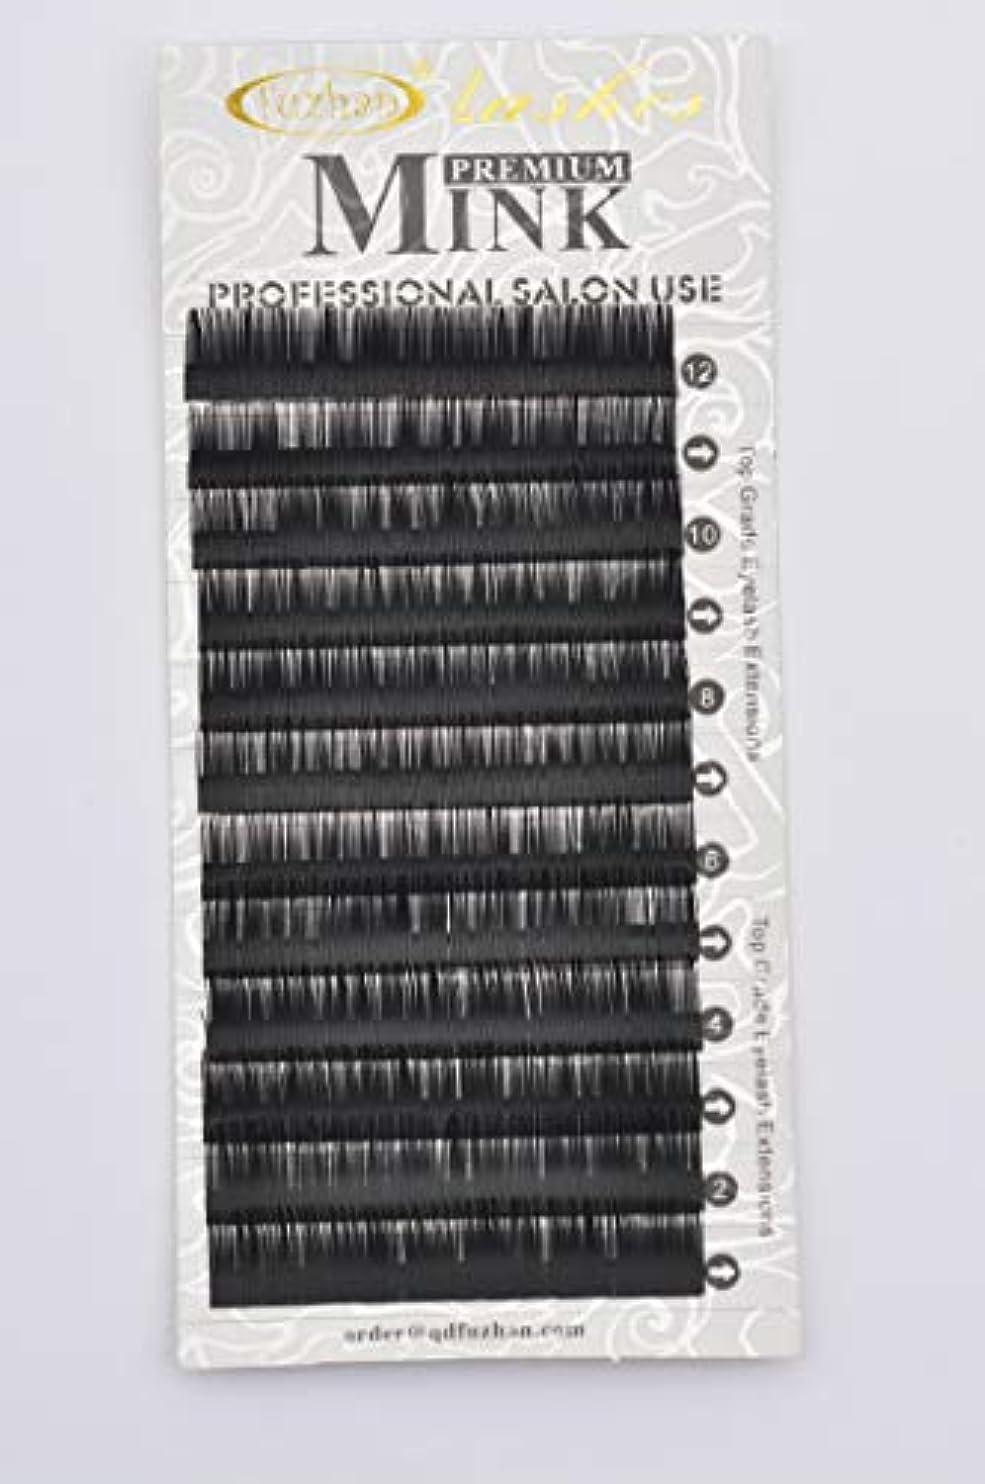 慈善全能起こるまつげエクステ 太さ0.15mm(カール長さ指定) 高級ミンクまつげ 12列シートタイプ ケース入り (0.15 13mm D)